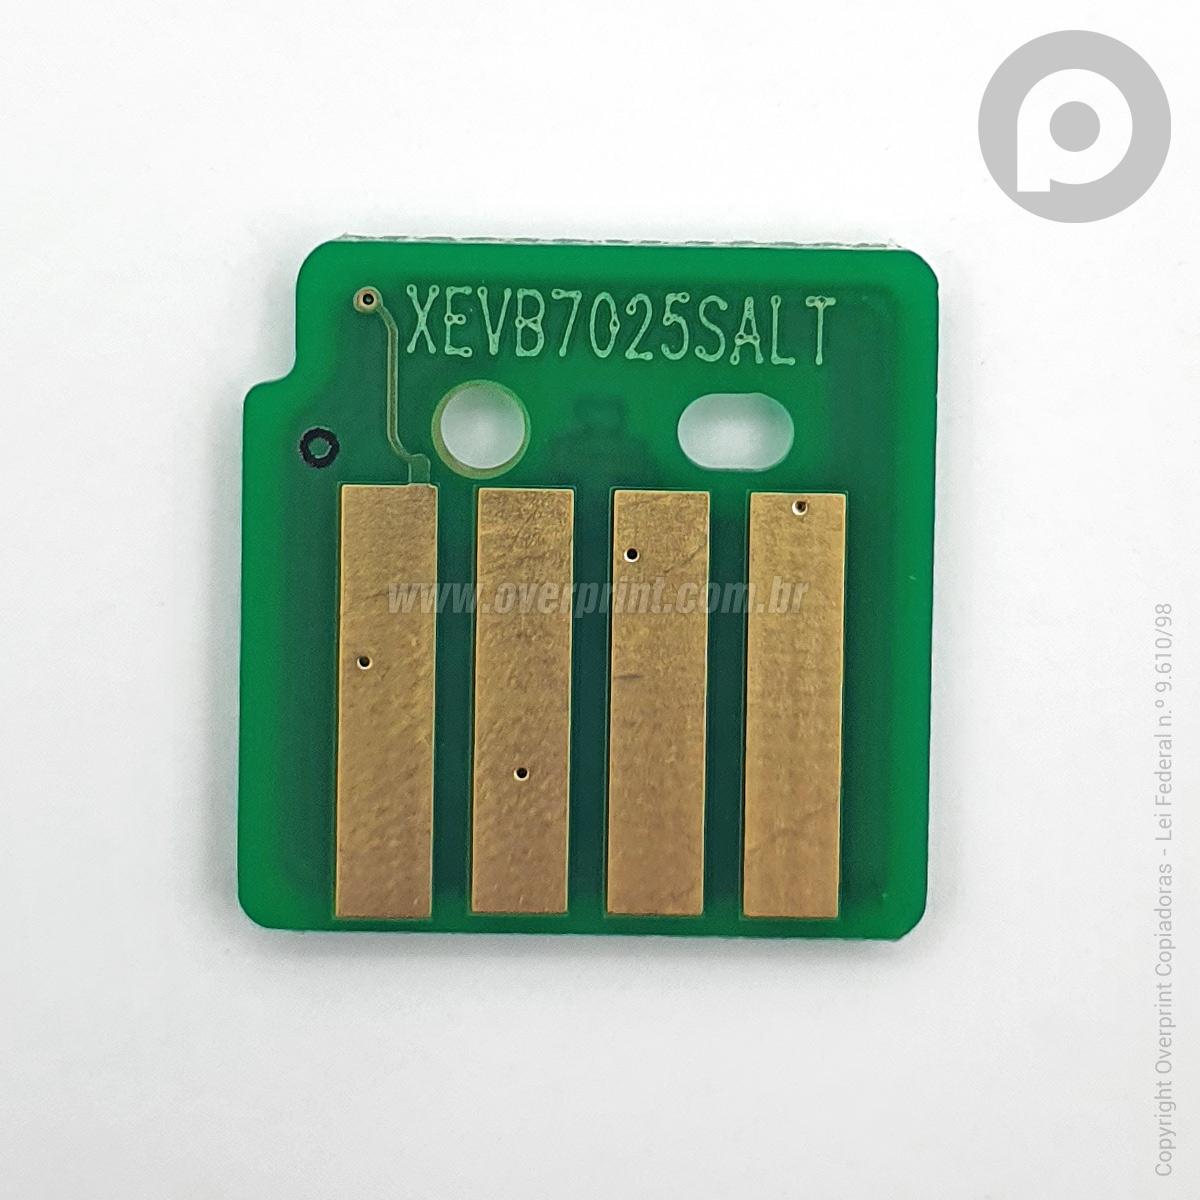 Chip Toner Xerox Versalink B7025 / B7030 / B7035  - Overprint